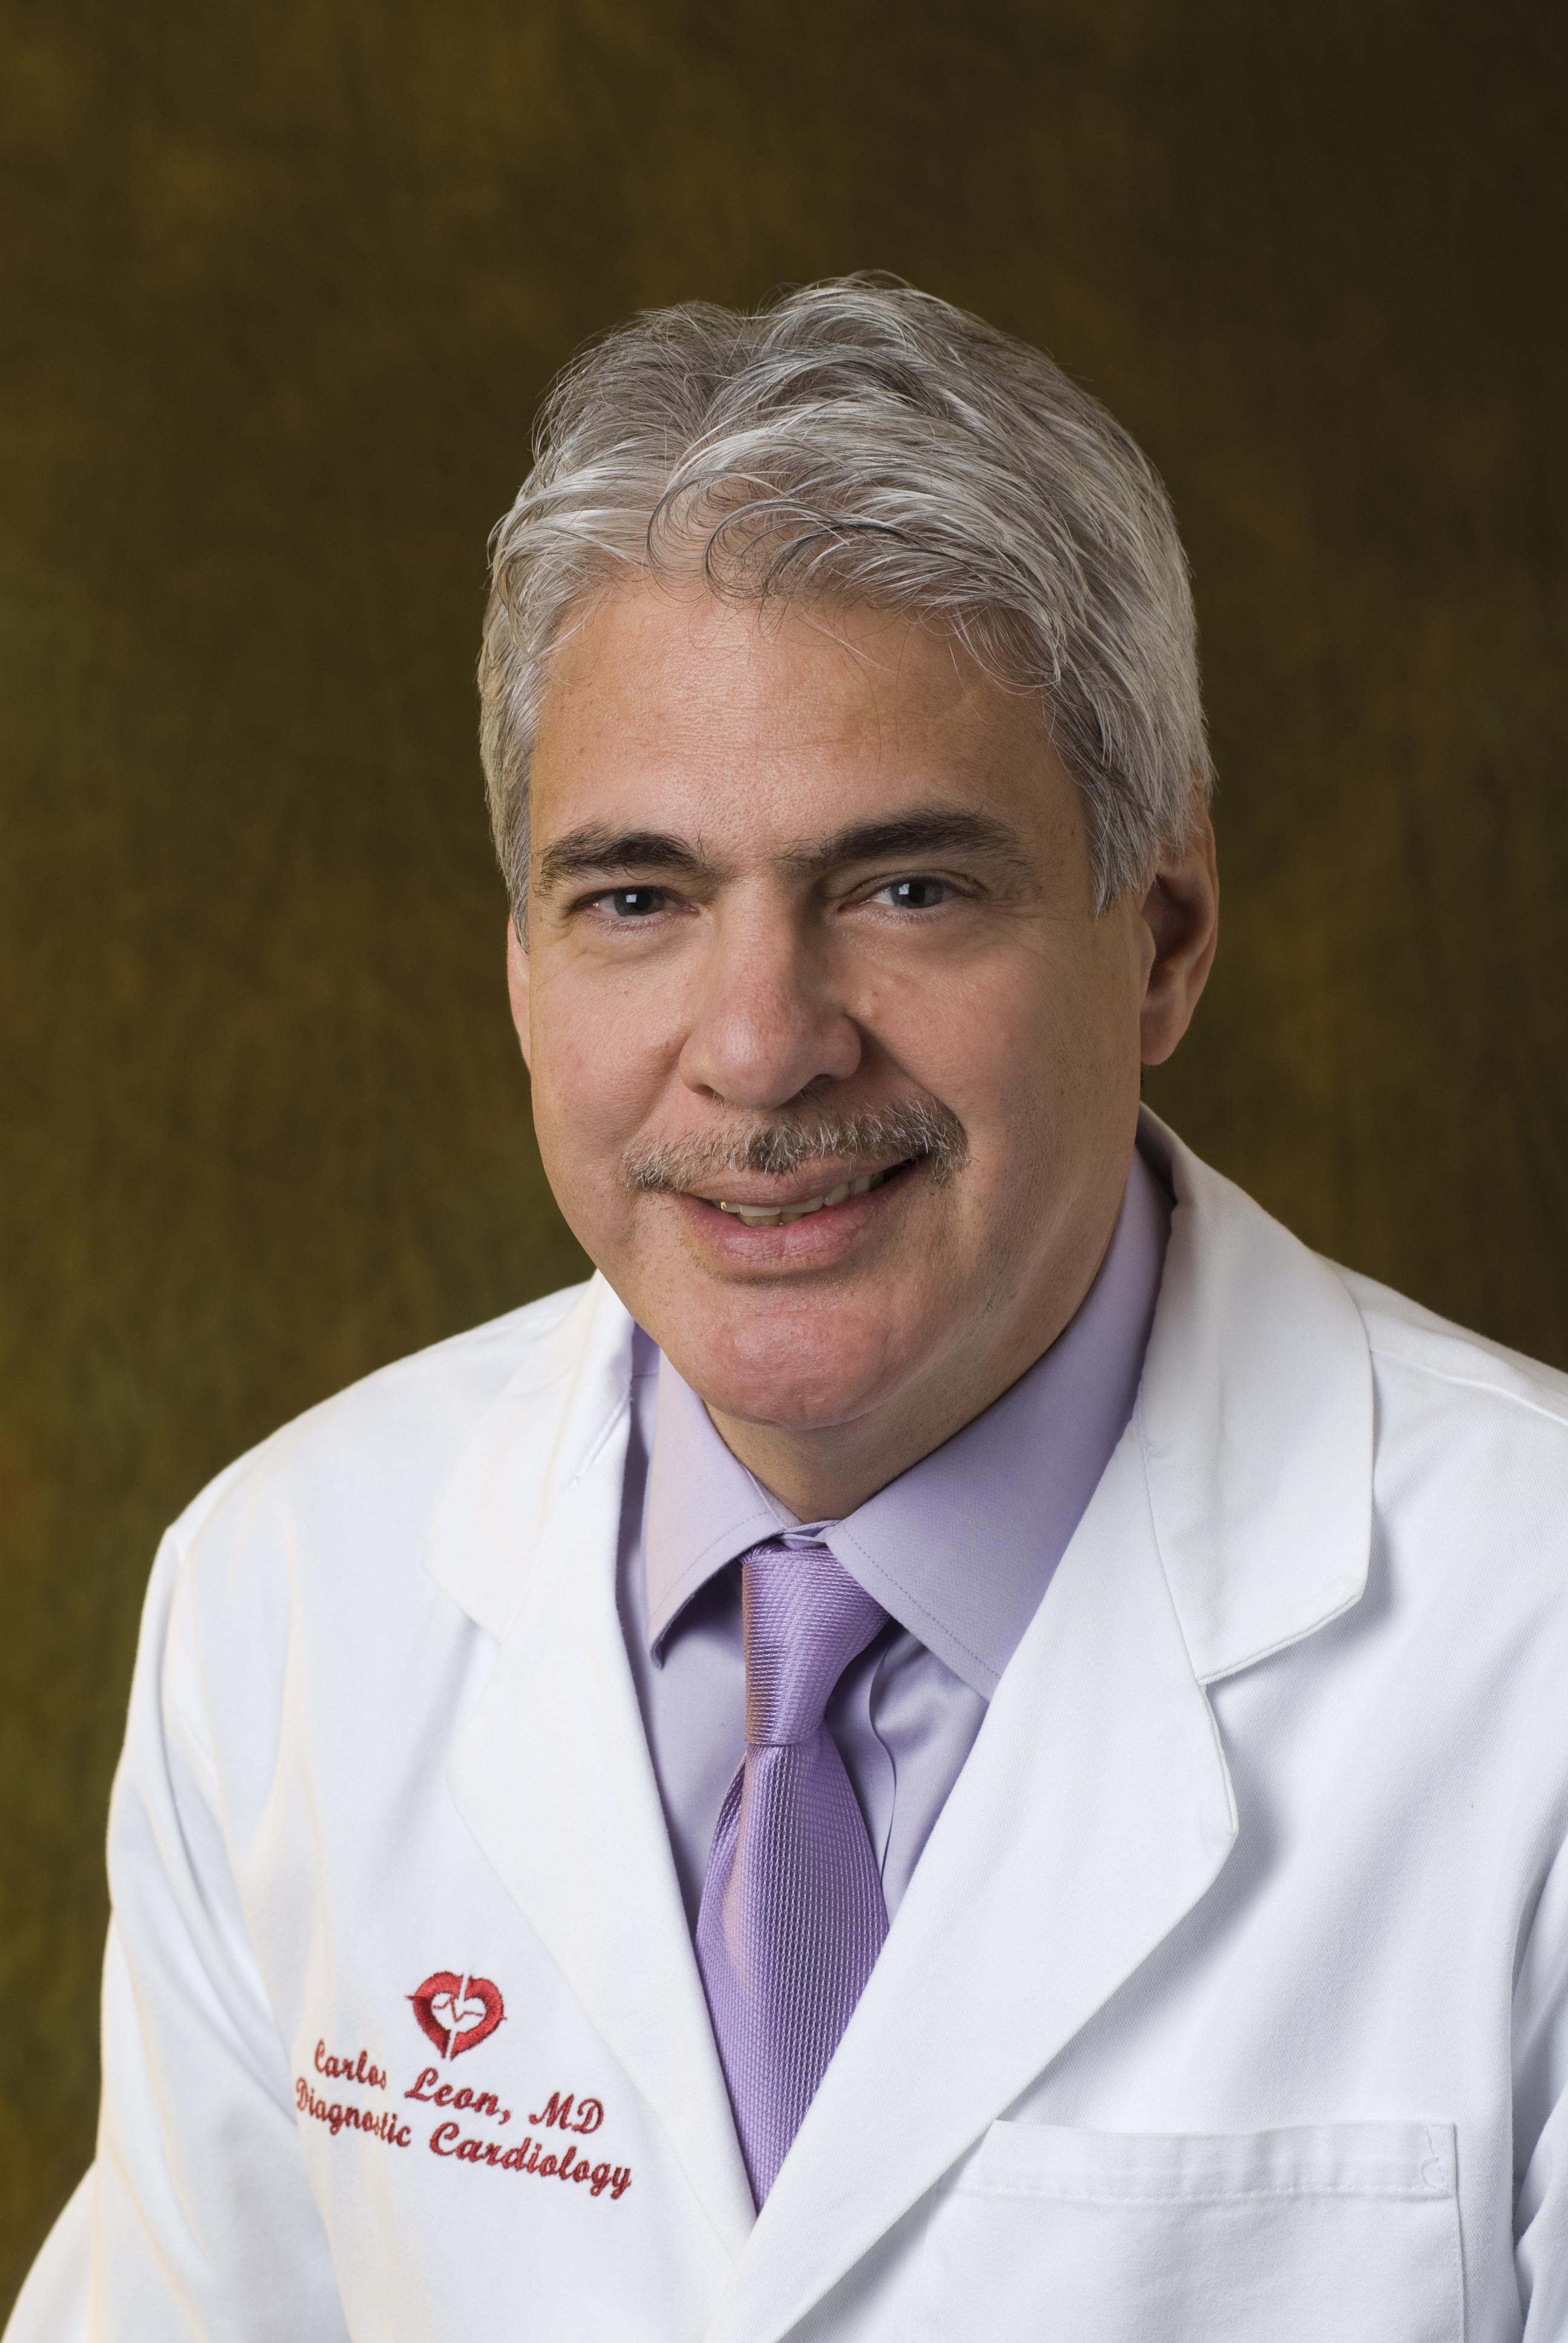 Carlos Leon, MD